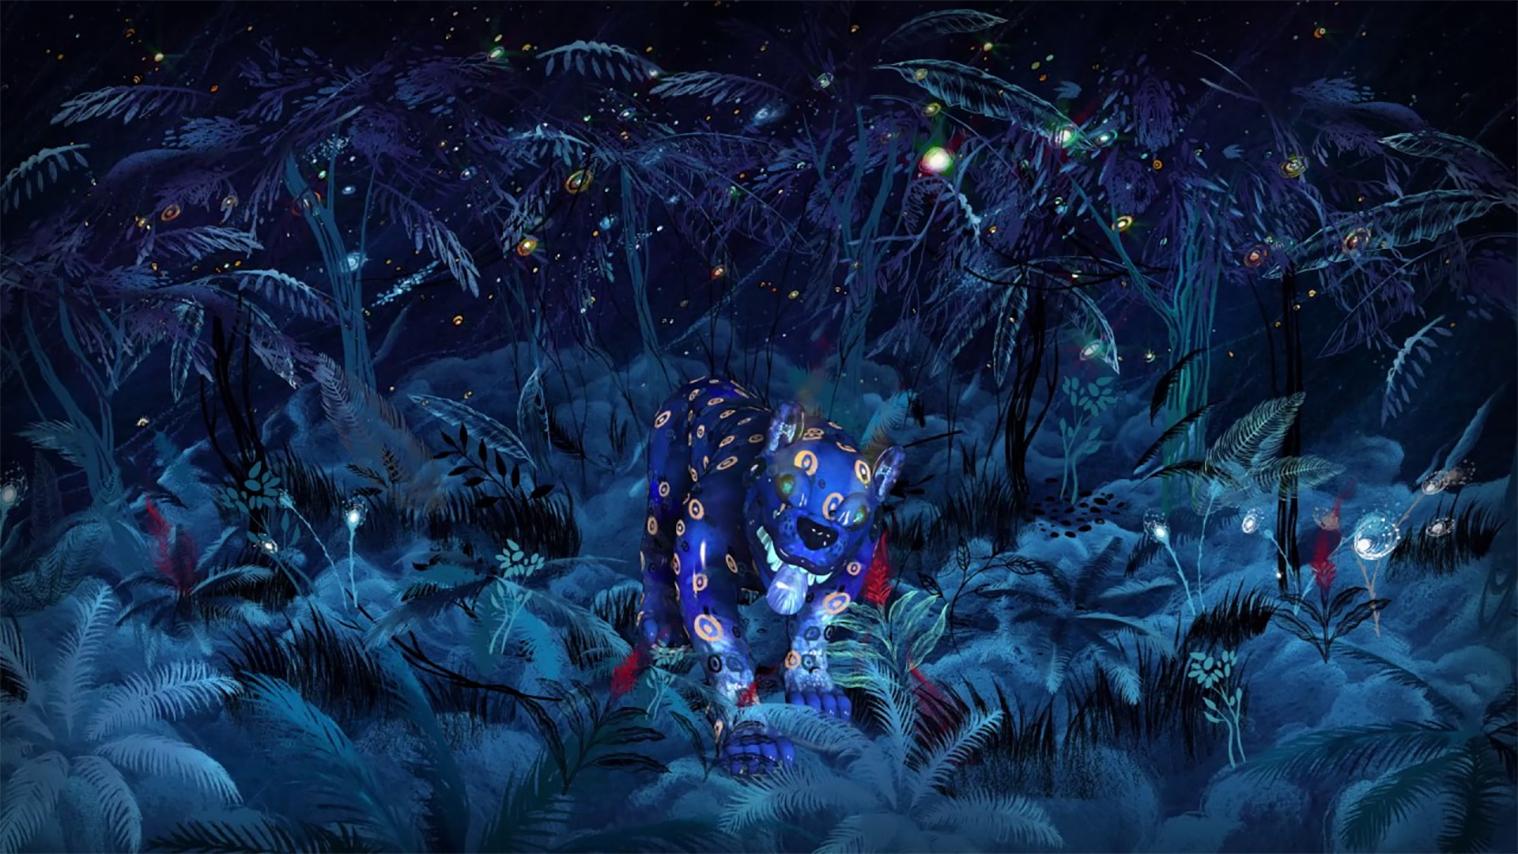 dark night with spiritual guide running